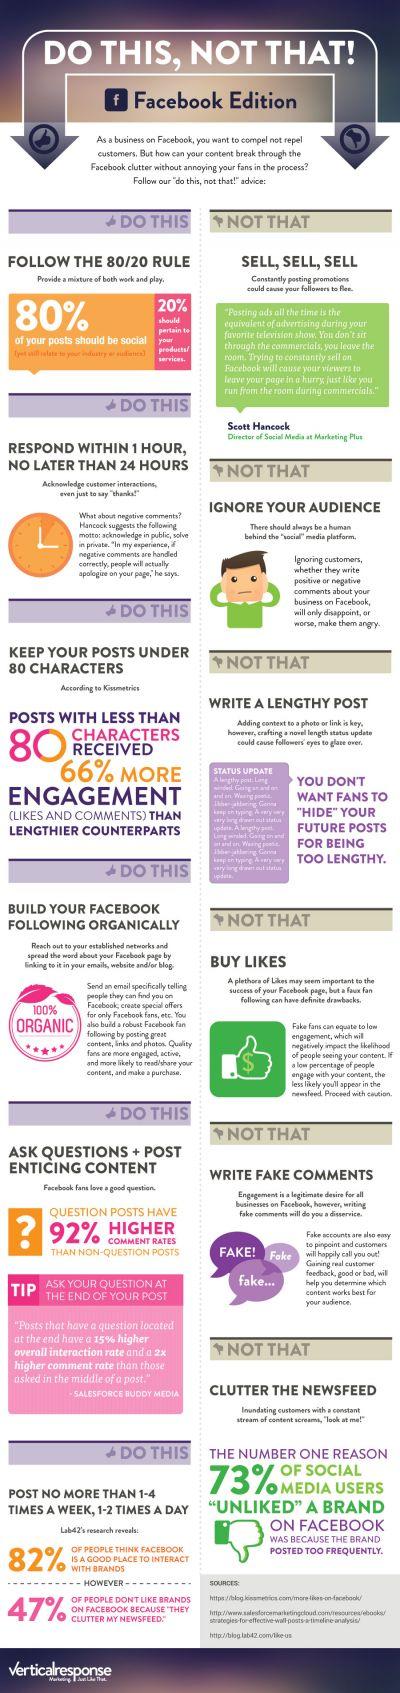 que hacer y que no hacer en facebook